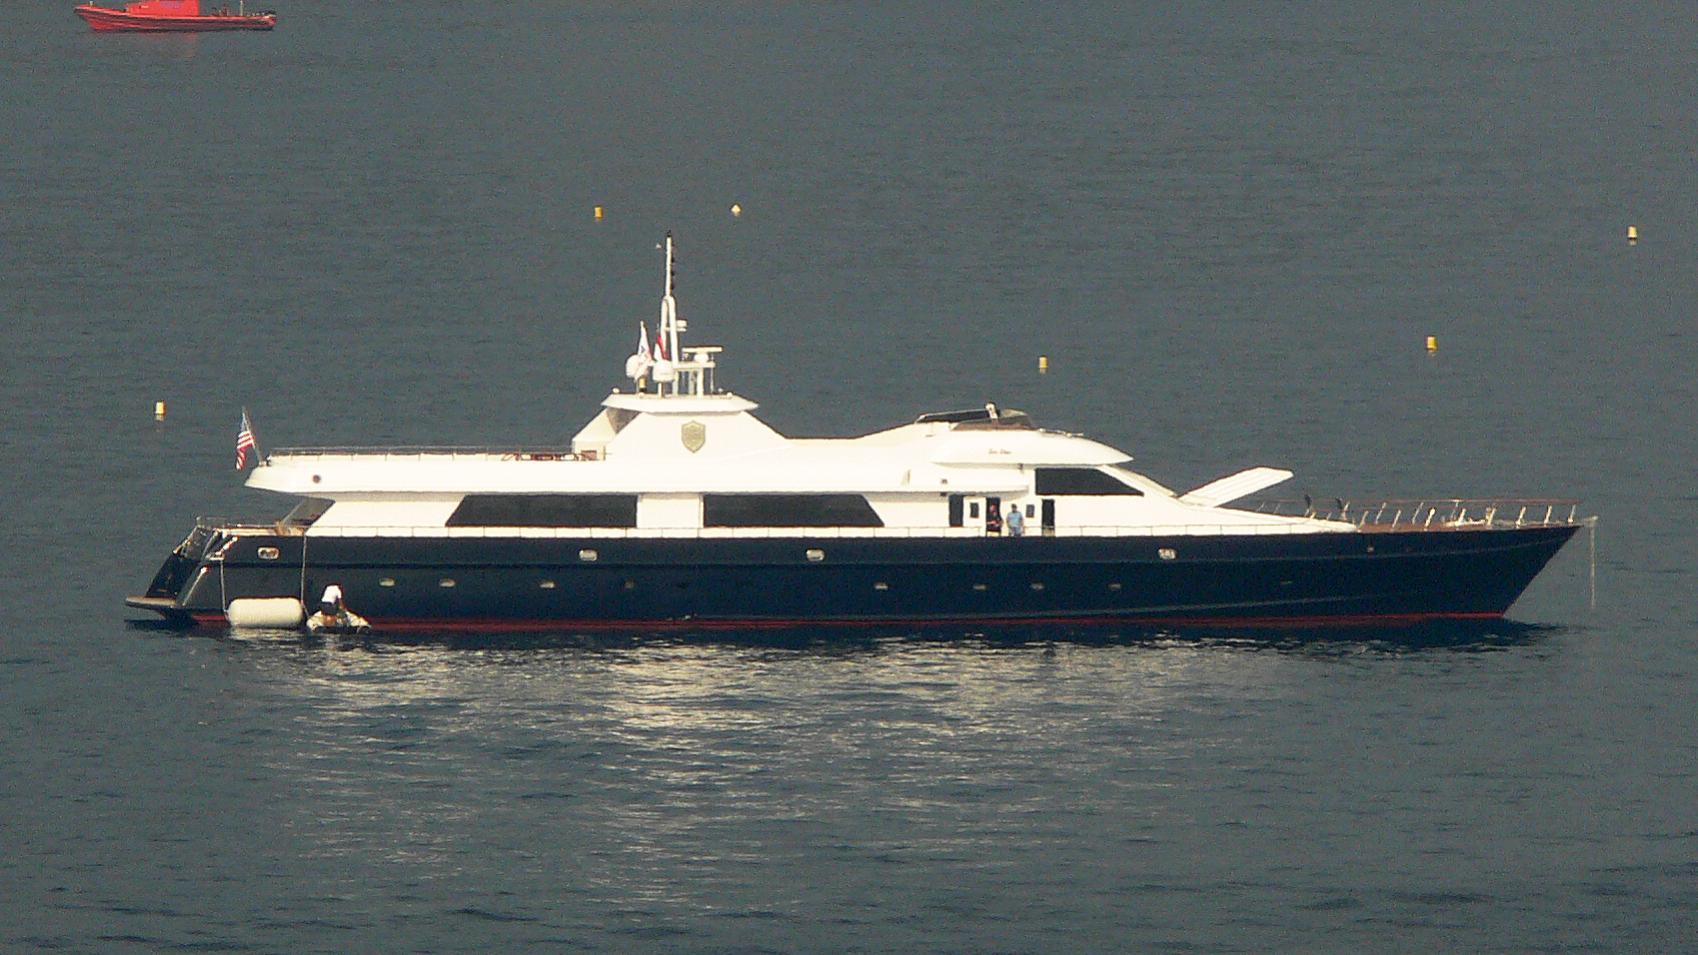 sea-star-yacht-exterior